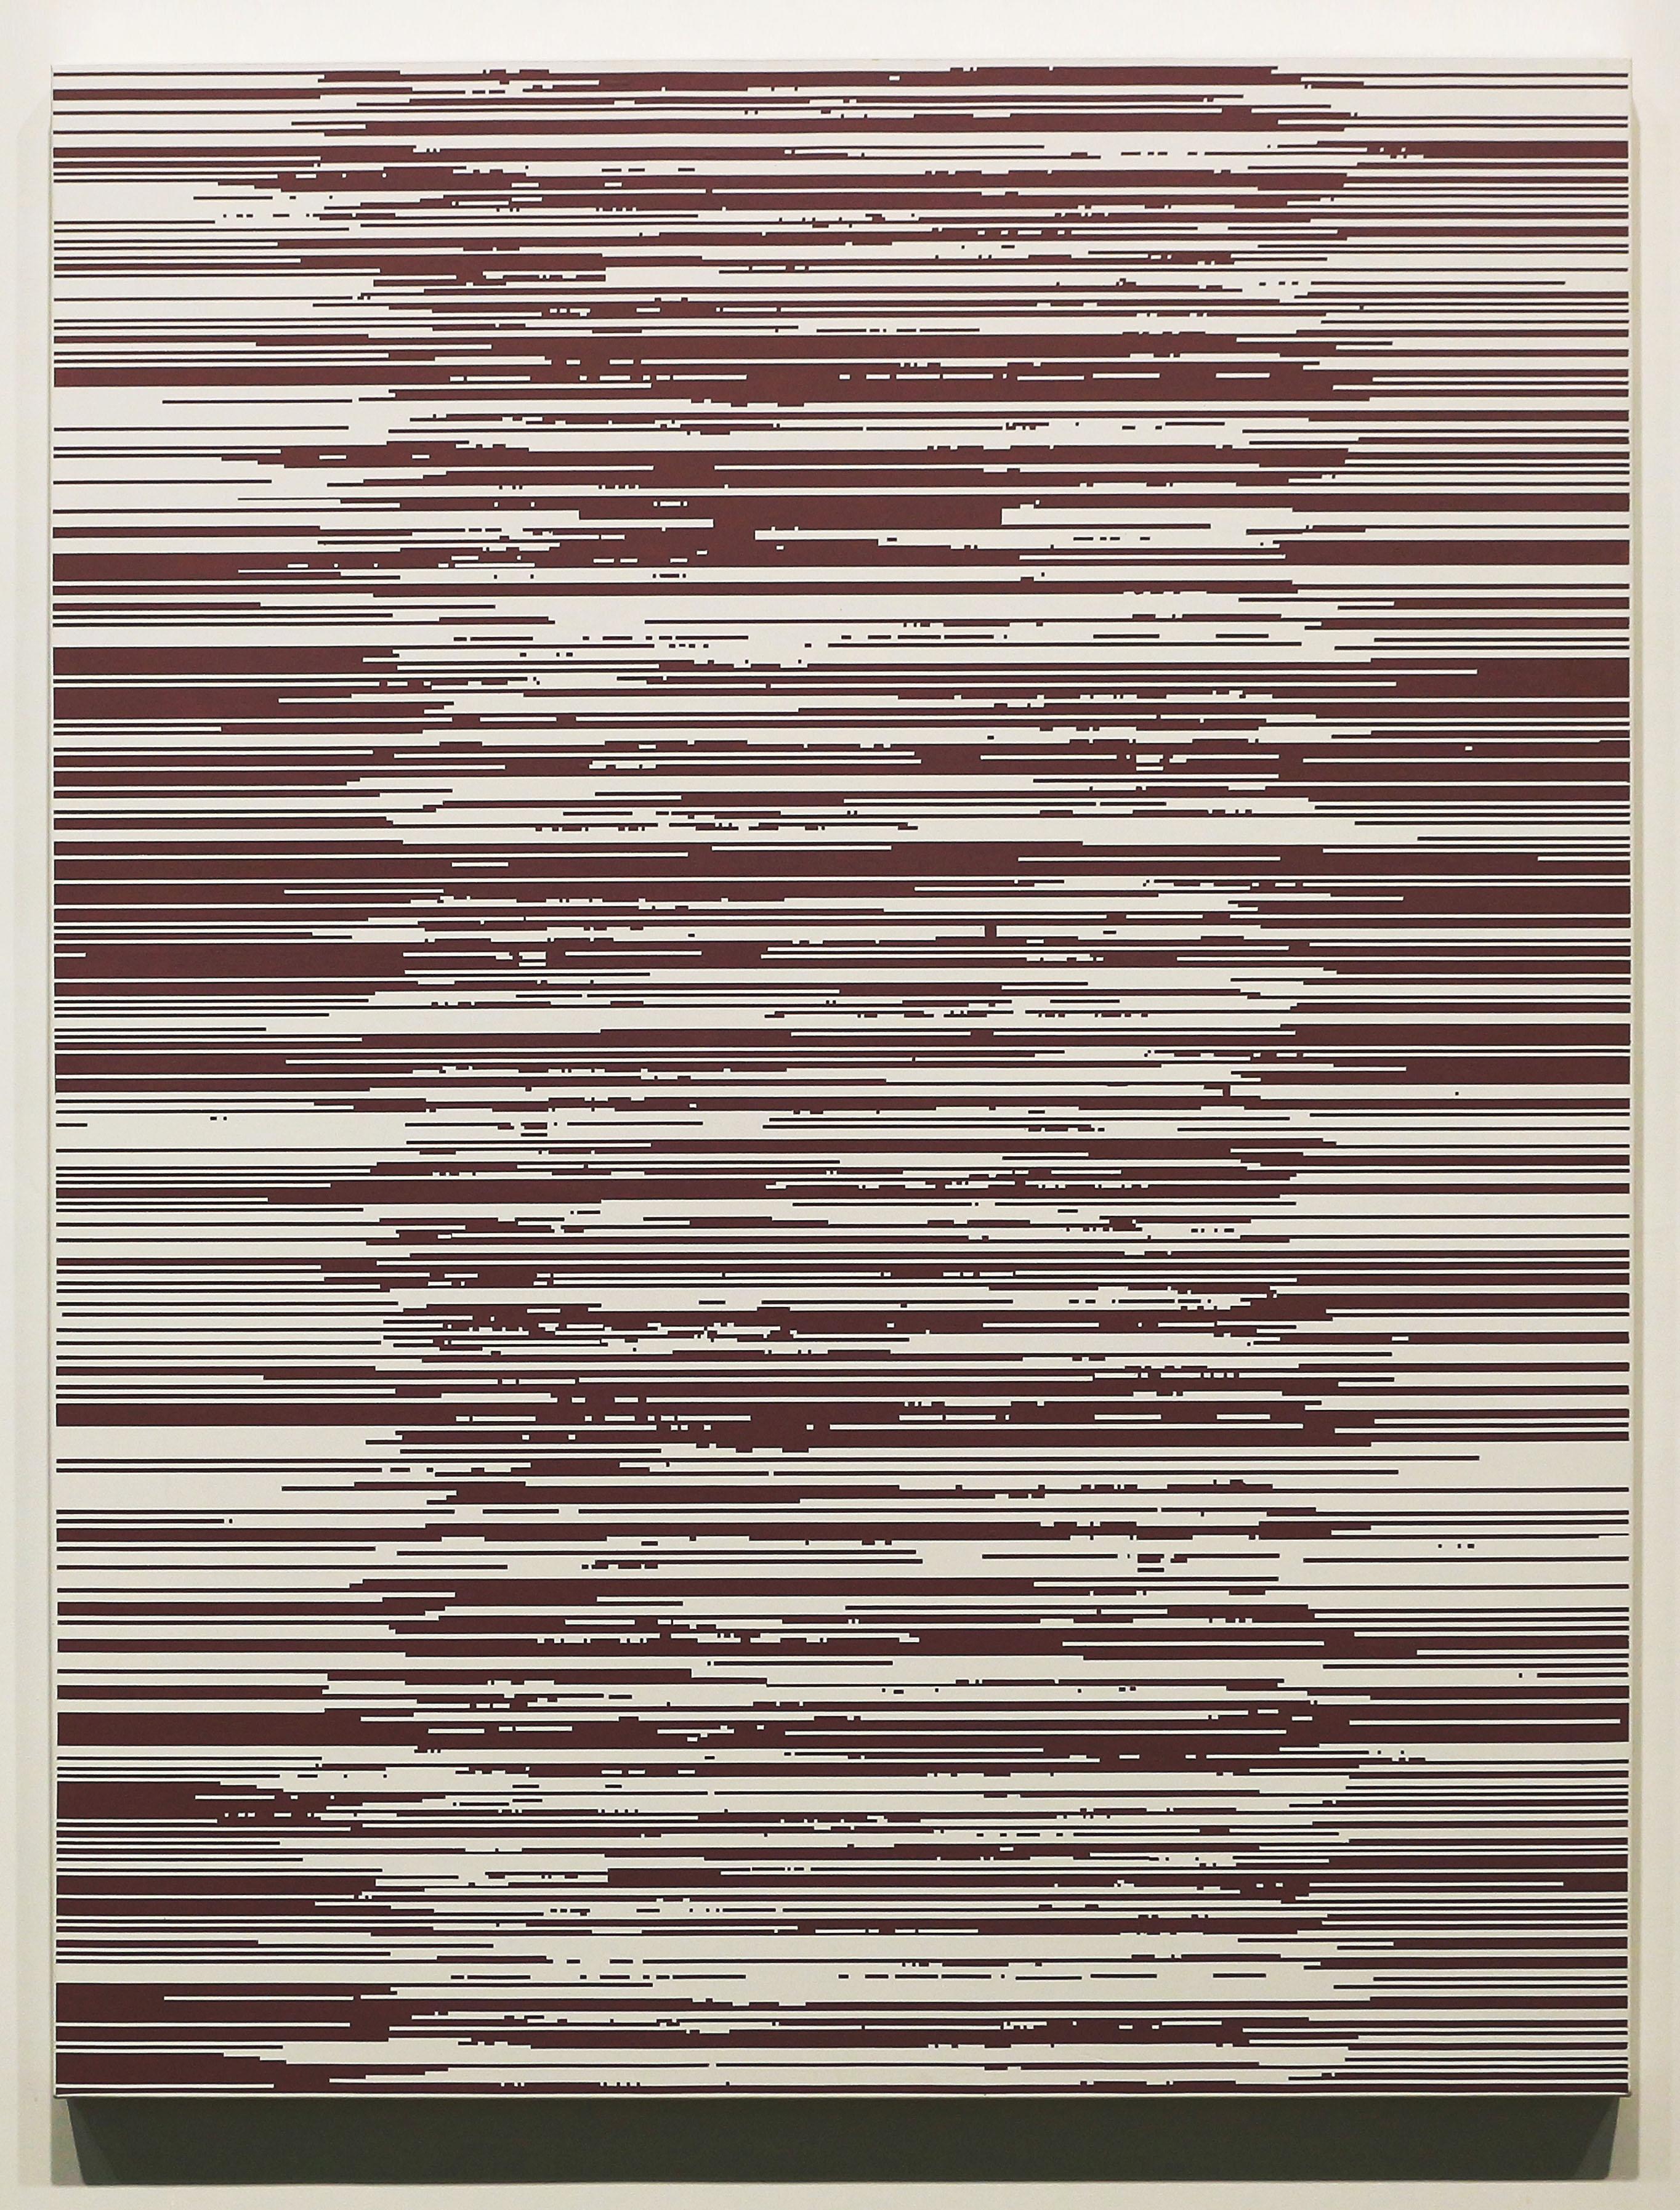 J. PARK_2016 Maze-20165129_Acrylic on canvas_116.8x91cm